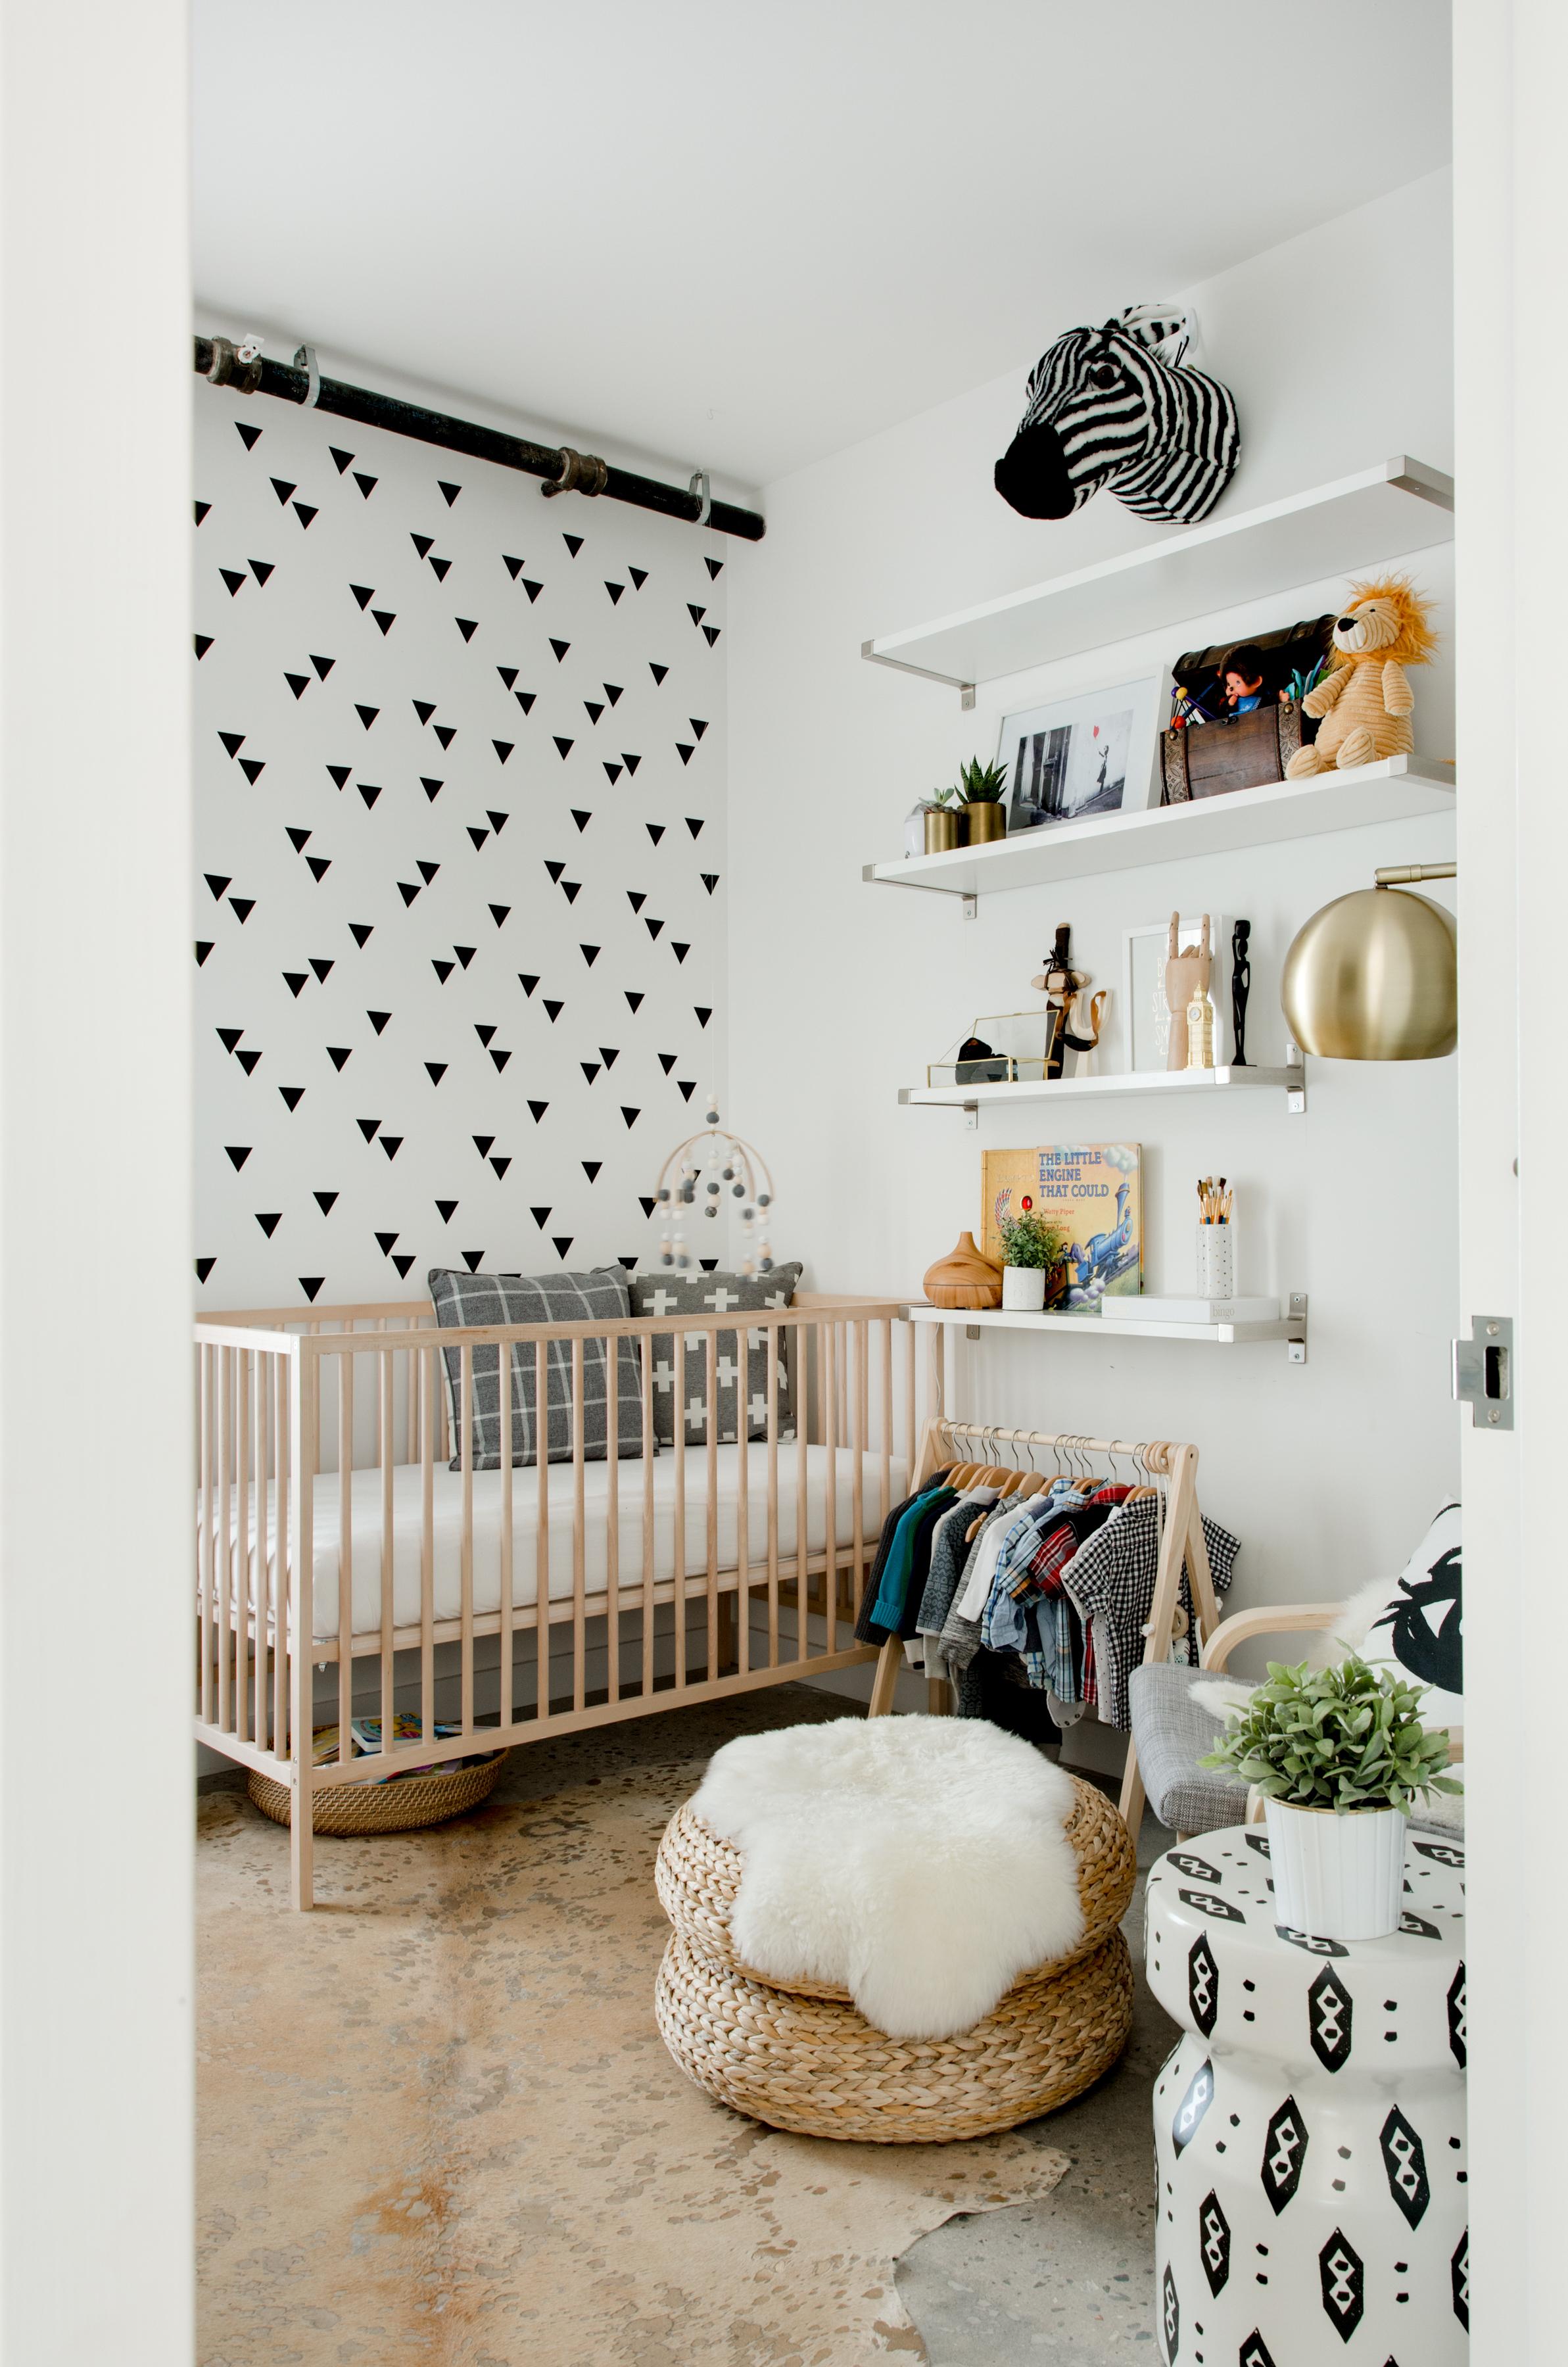 Eames Schommelstoel Babykamer.Leuke Budget Kinderkamer Van Phoenix Interieur Inrichting